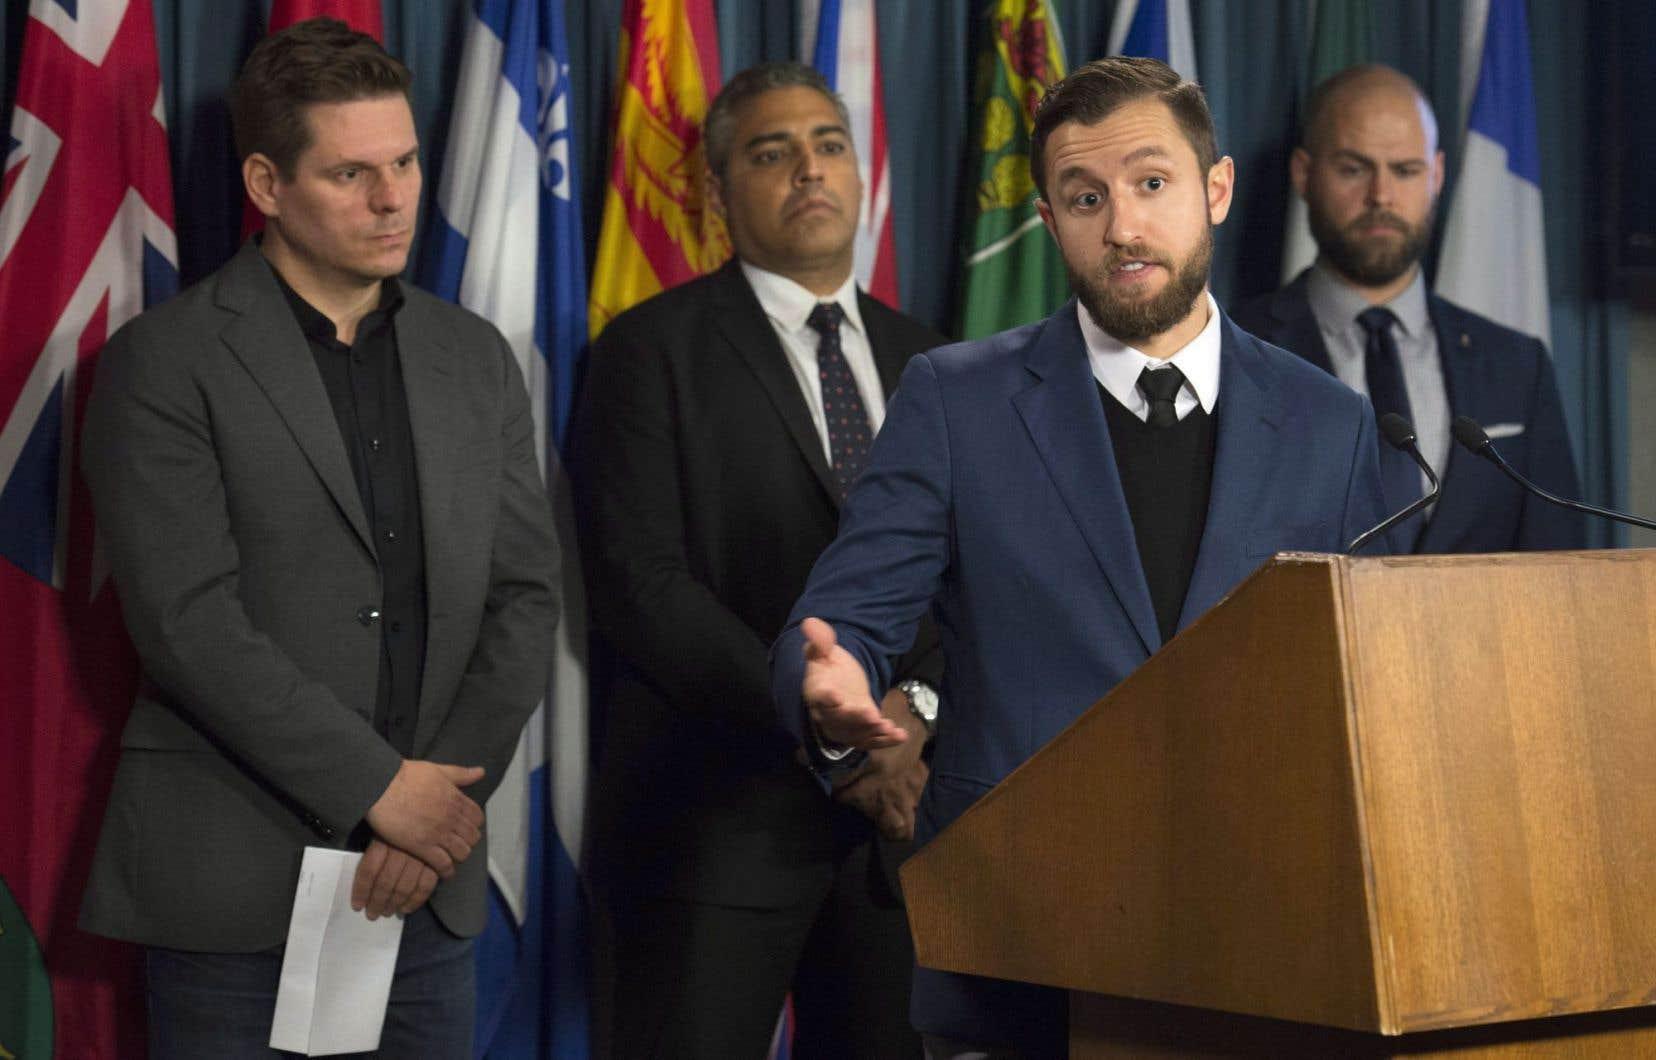 <p>Patrick Lagacé, Ben Makuch et Mohammed Fahmy, ainsi que le directeur exécutif de Journalistes canadiens pour la liberté d'expression (CJFE), Tom Henheffer ont réclamé une loiafin de protéger les sources confidentielles des journalistes.</p>